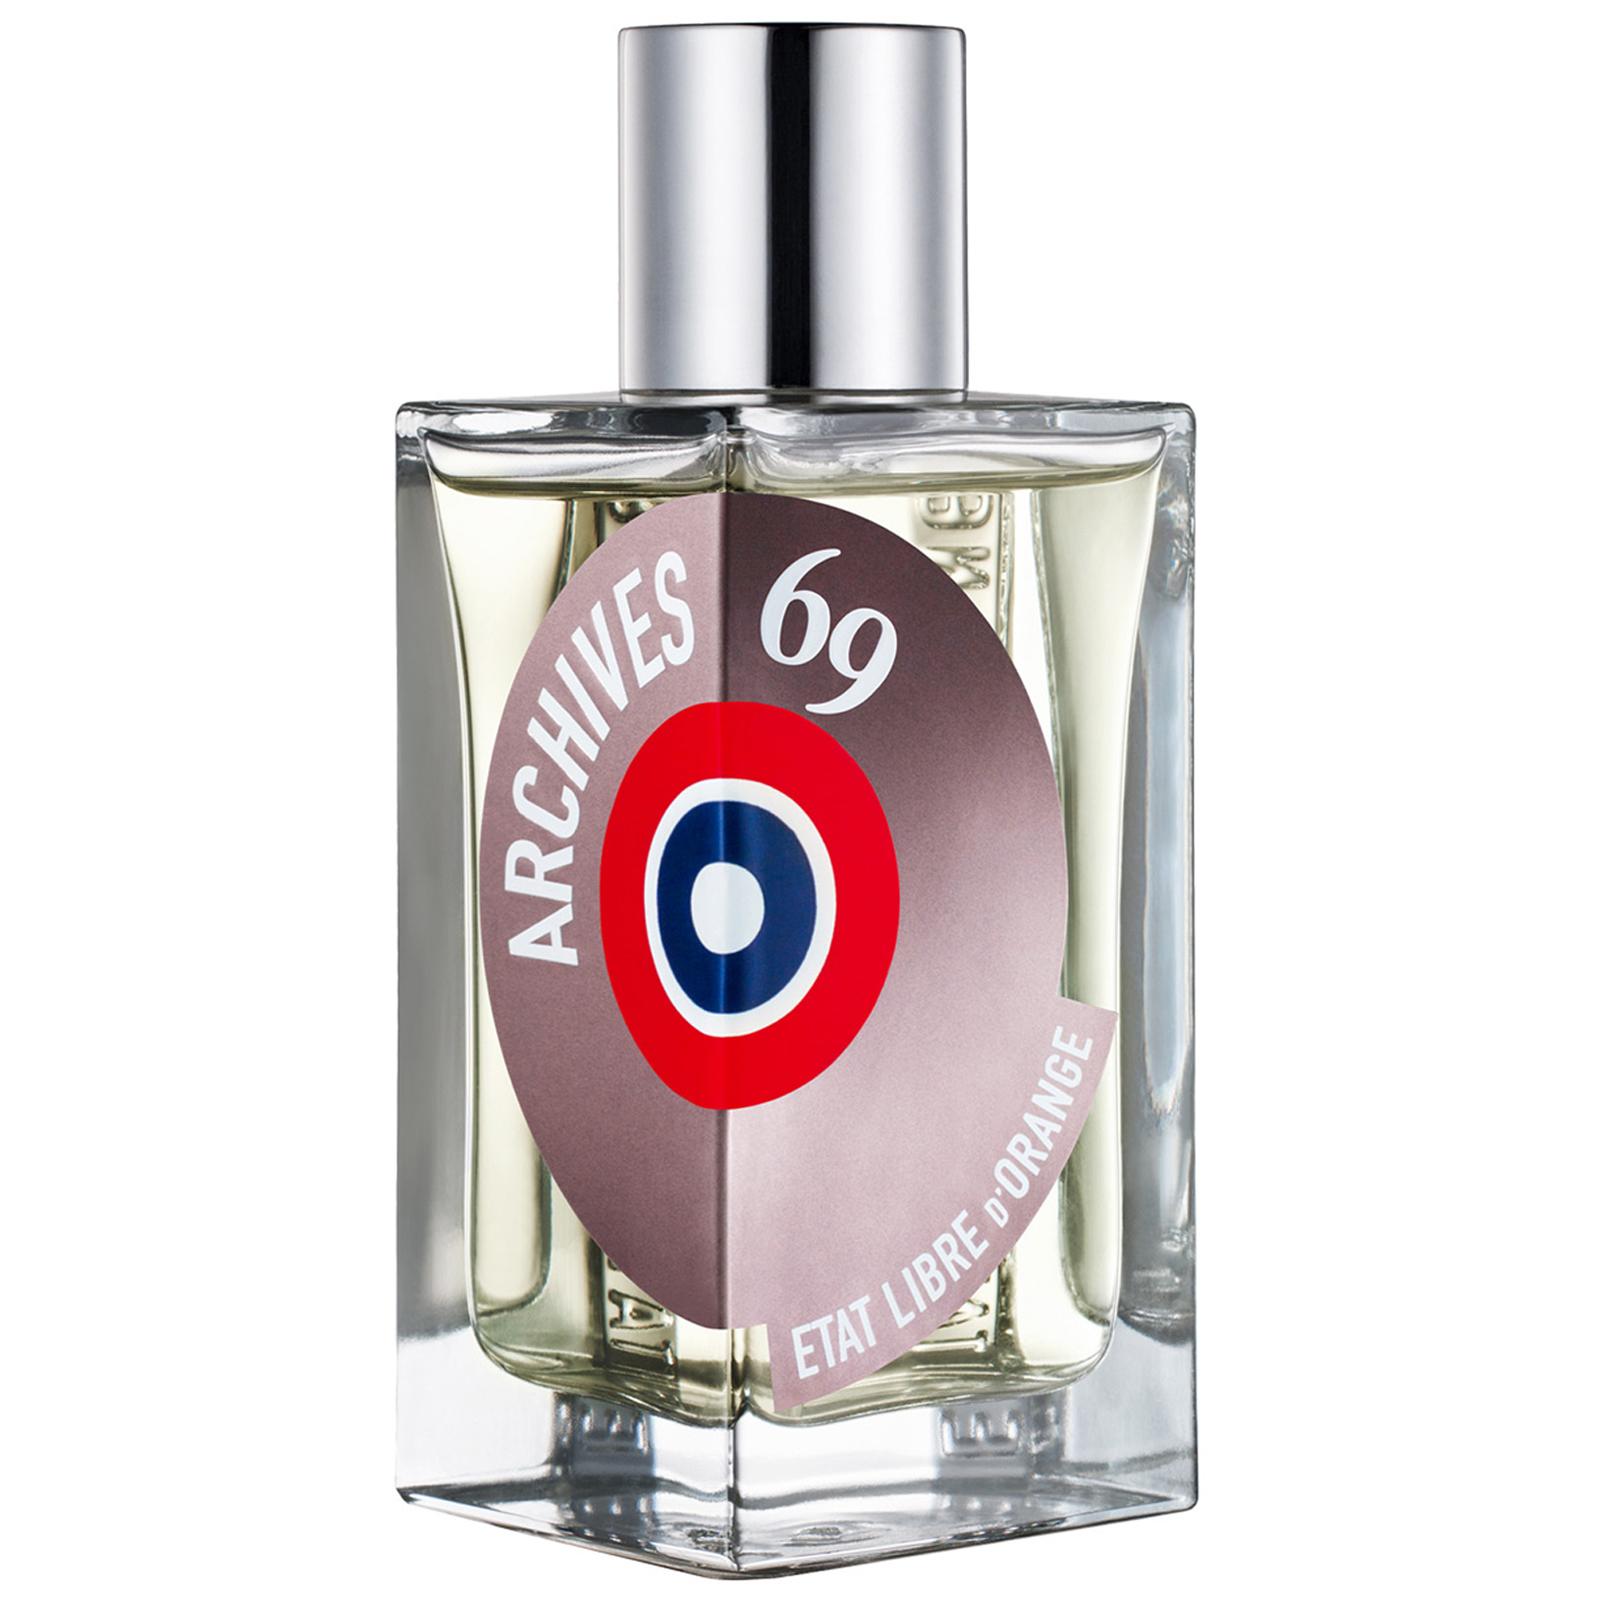 Archives 69 profumo eau de parfum 50 ml